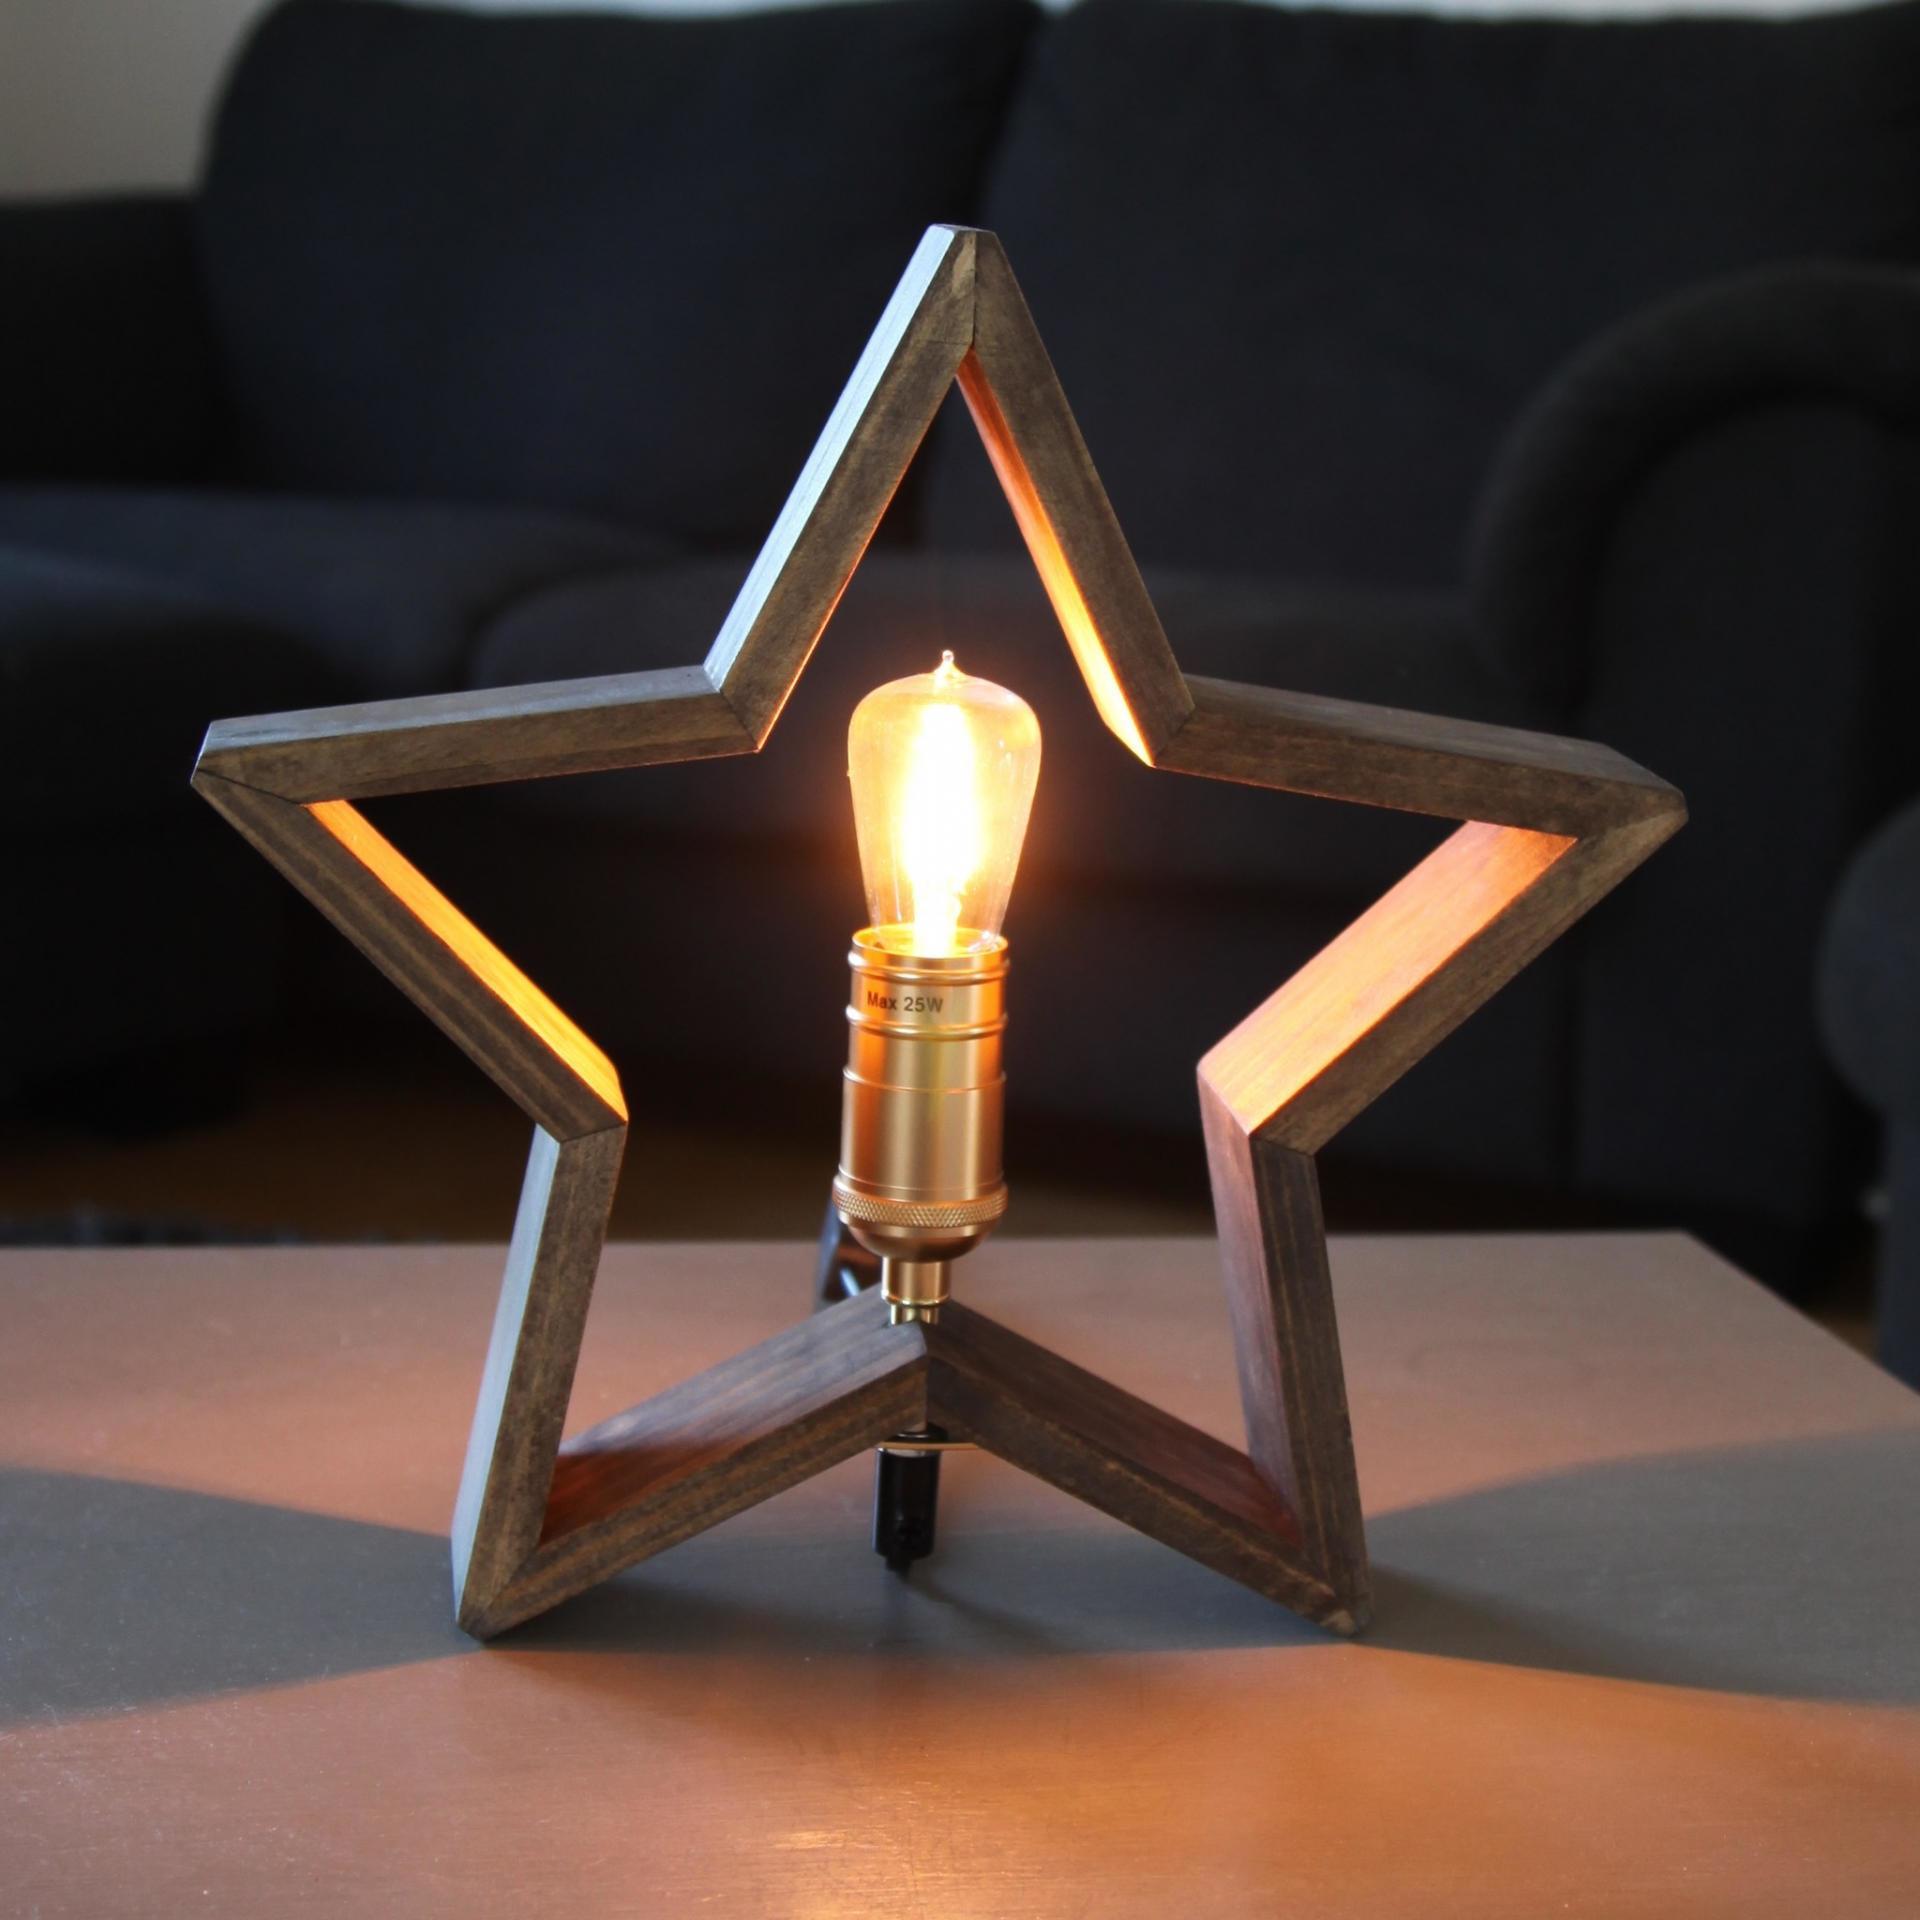 STAR TRADING Stolní lampa ve tvaru hvězdy Lysekil Nature, hnědá barva, přírodní barva